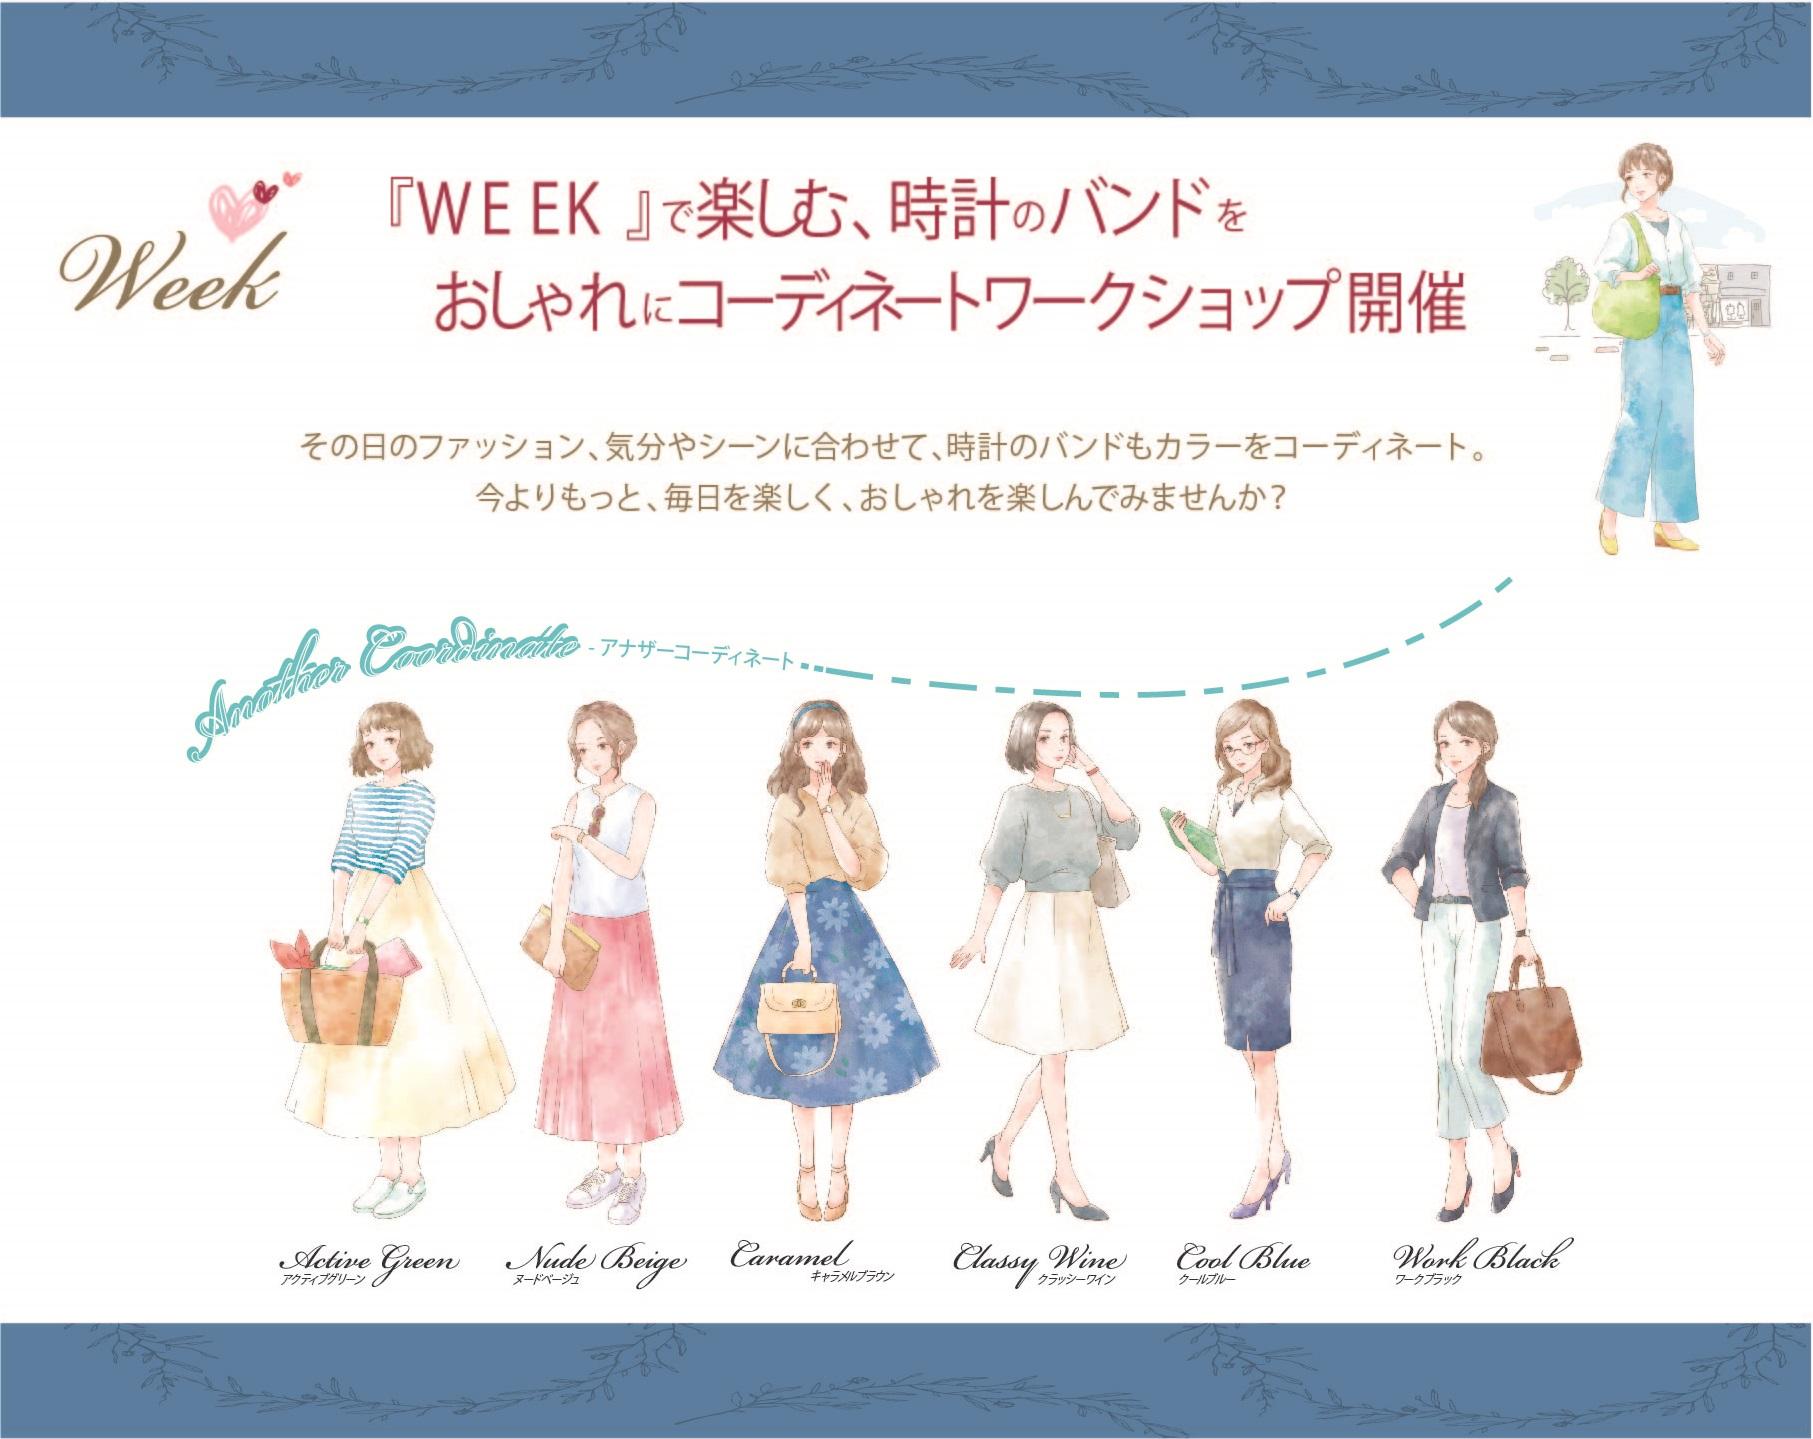 8/11(土)・12(日)に横須賀店でワークショップ開催!!